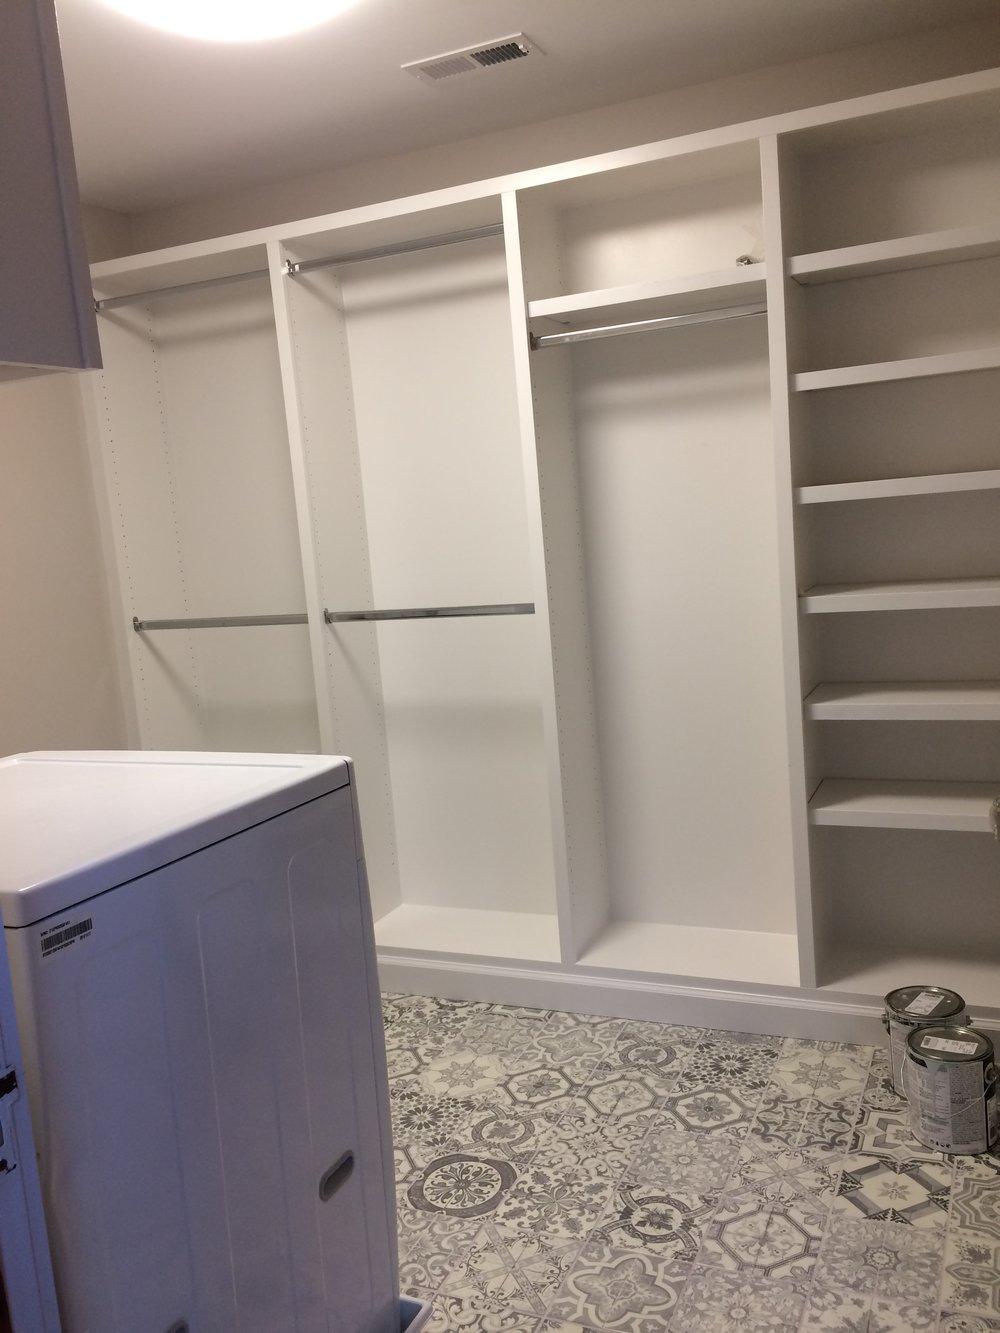 new laundry/closet